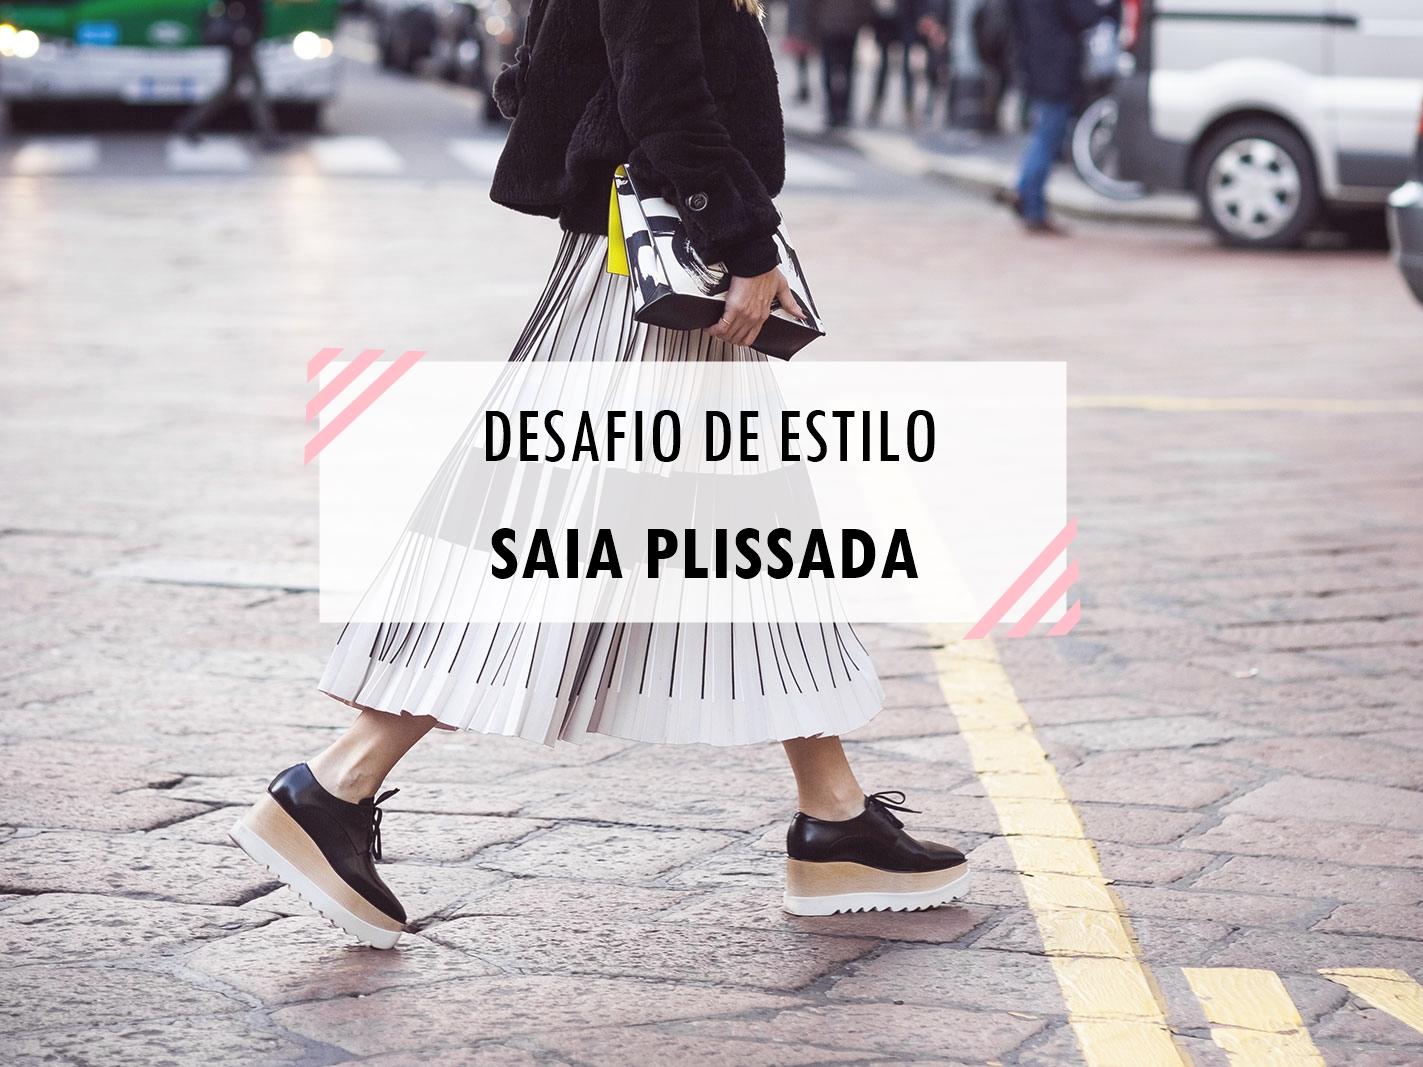 tendencia-saia-plissada-desafio-de-estilo-ilove-blog-vanduarte-2